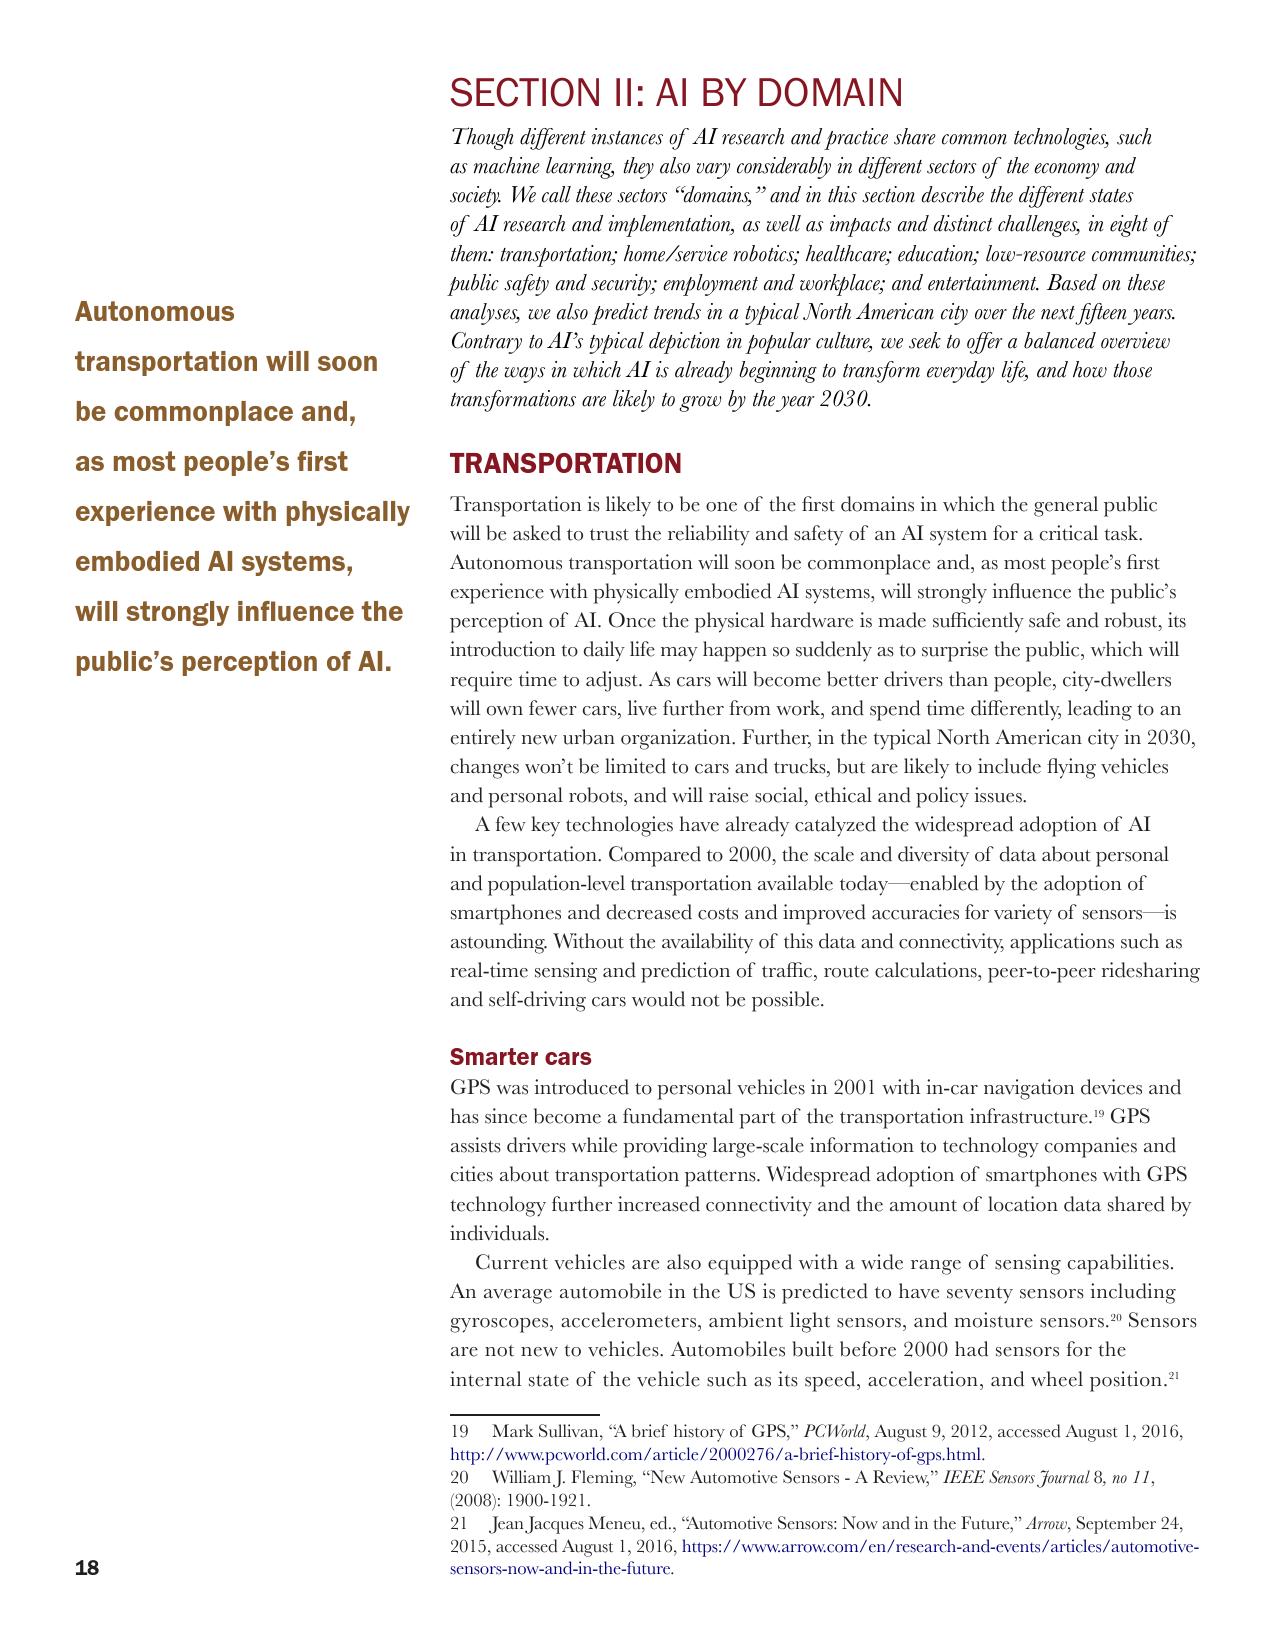 斯坦福:2030年的人工智能与人类生活_000018